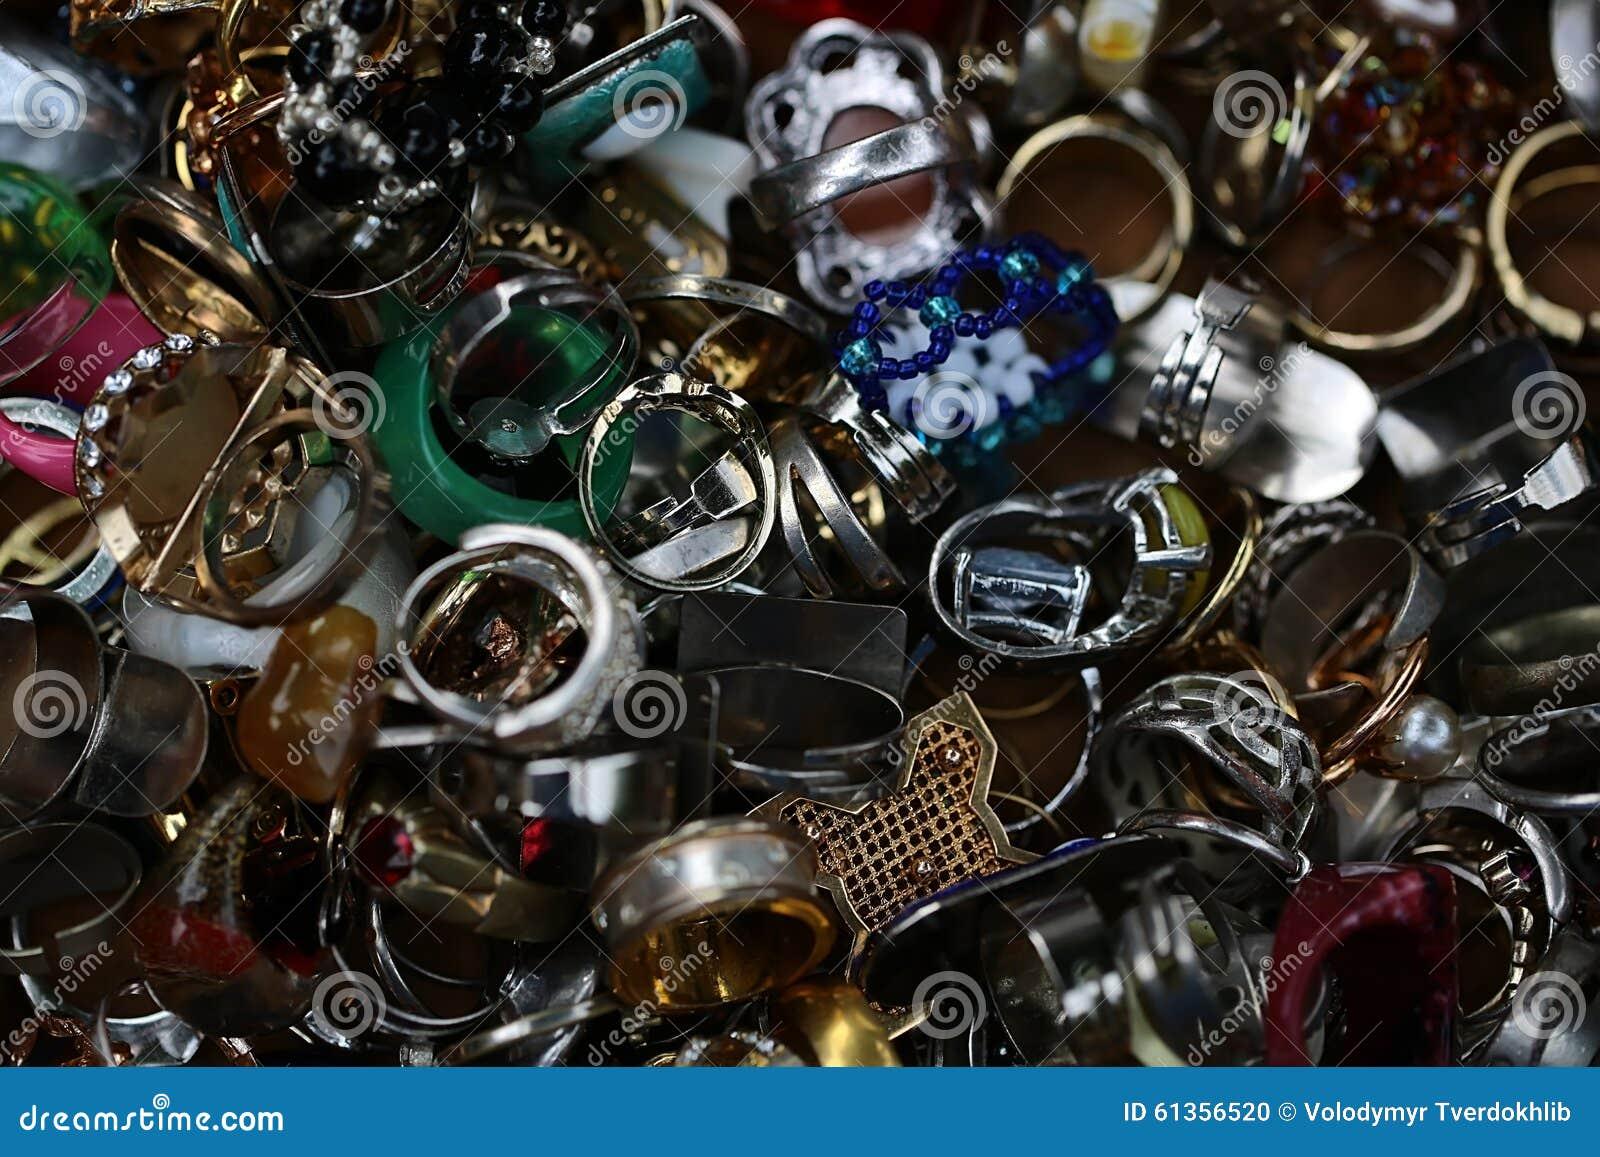 Ντεμοντέ χρησιμοποιημένα δάχτυλο-δαχτυλίδια που συσσωρεύονται από κοινού